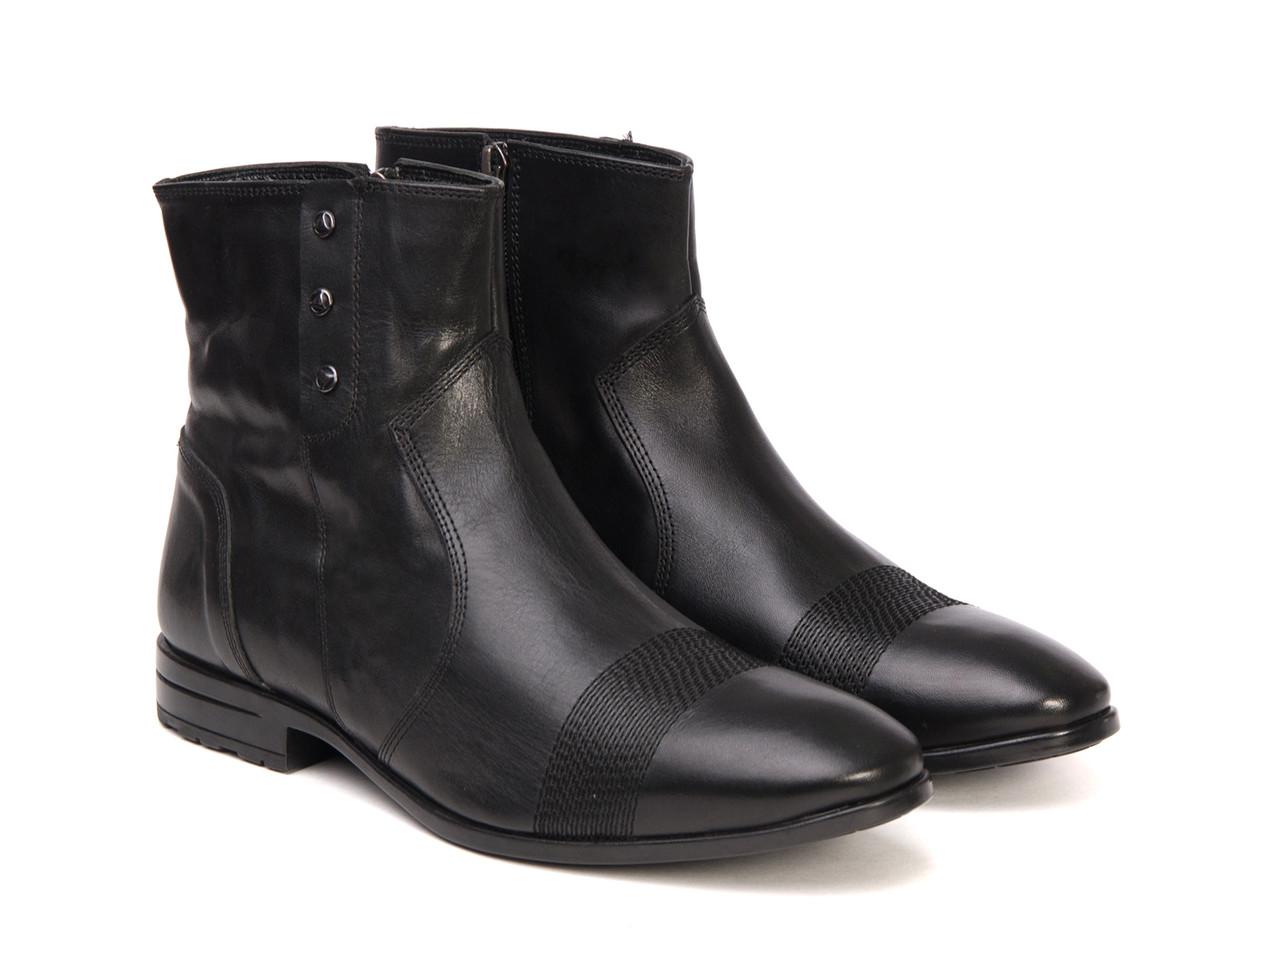 Ботинки Etor 5933-7040 черные